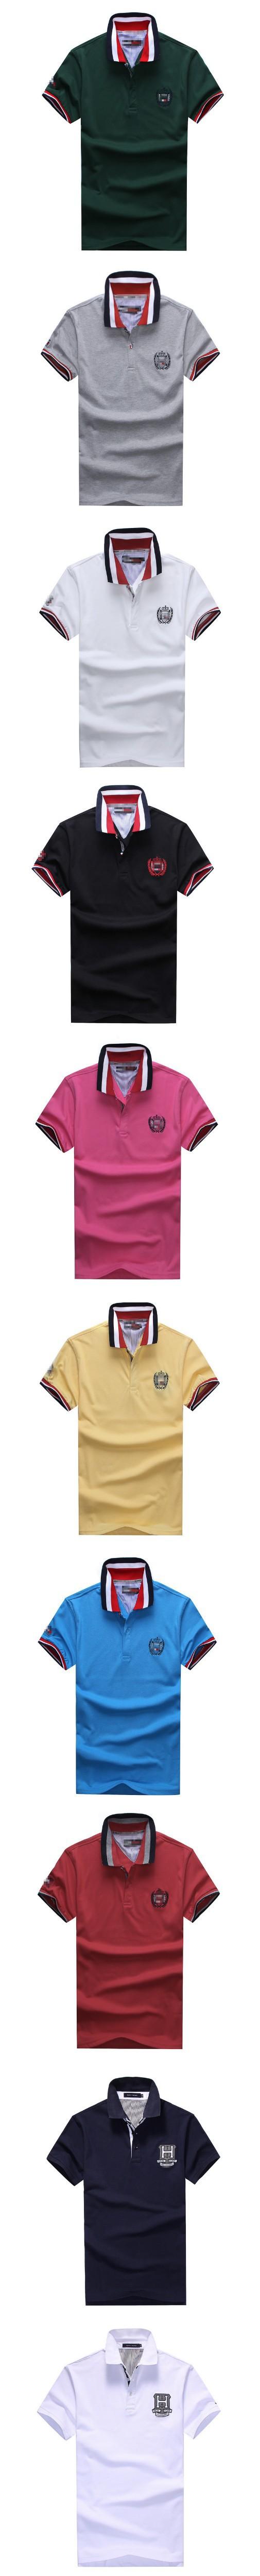 удивительные качества рубашки короткий рукав 100% хлопка футболку мужчины hilfige xxxxl плюс размер 10 цветов